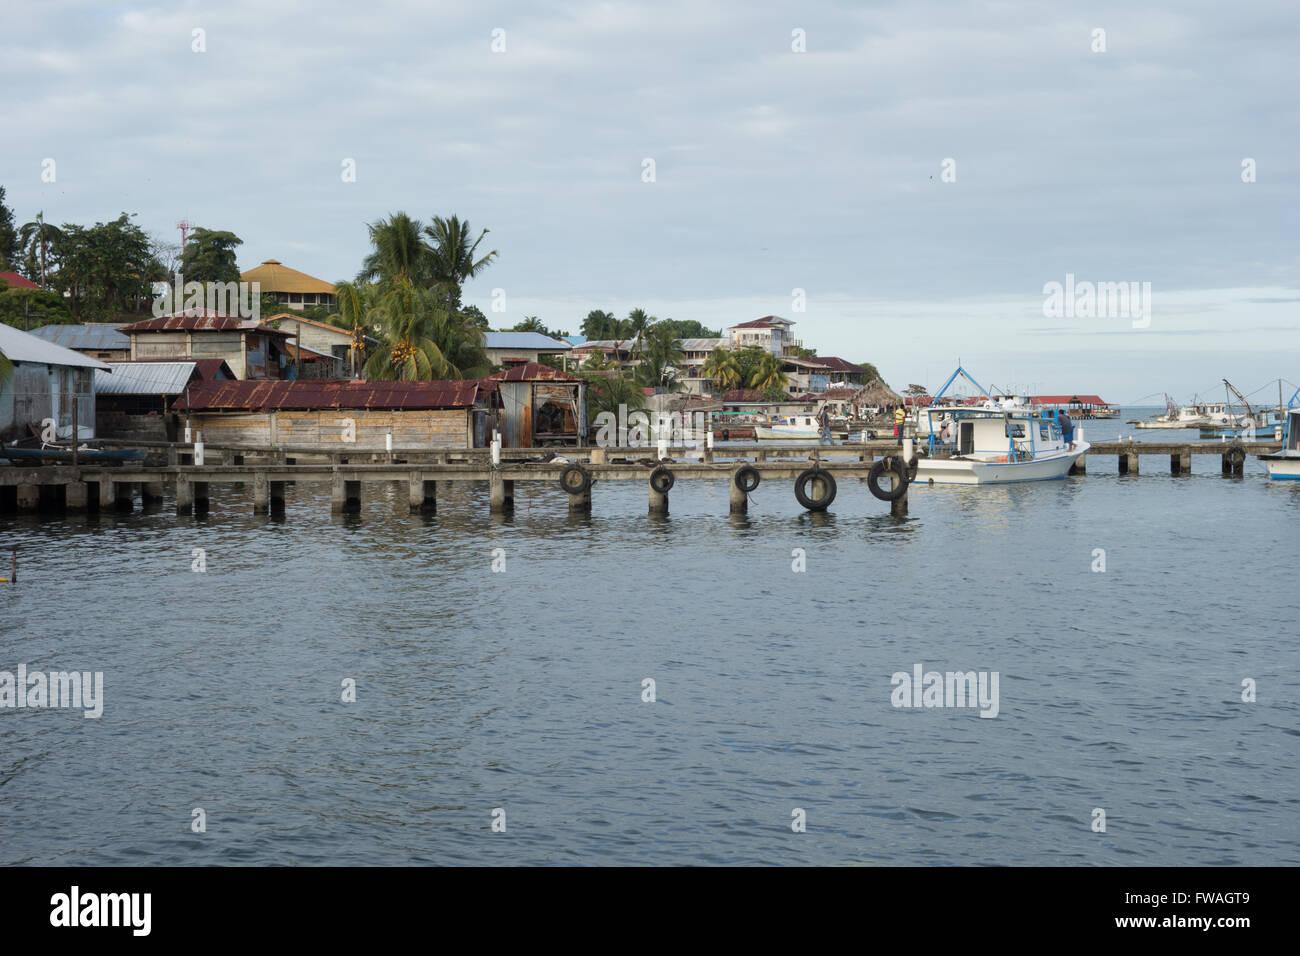 Livingston waterfront, Guatemala - Stock Image